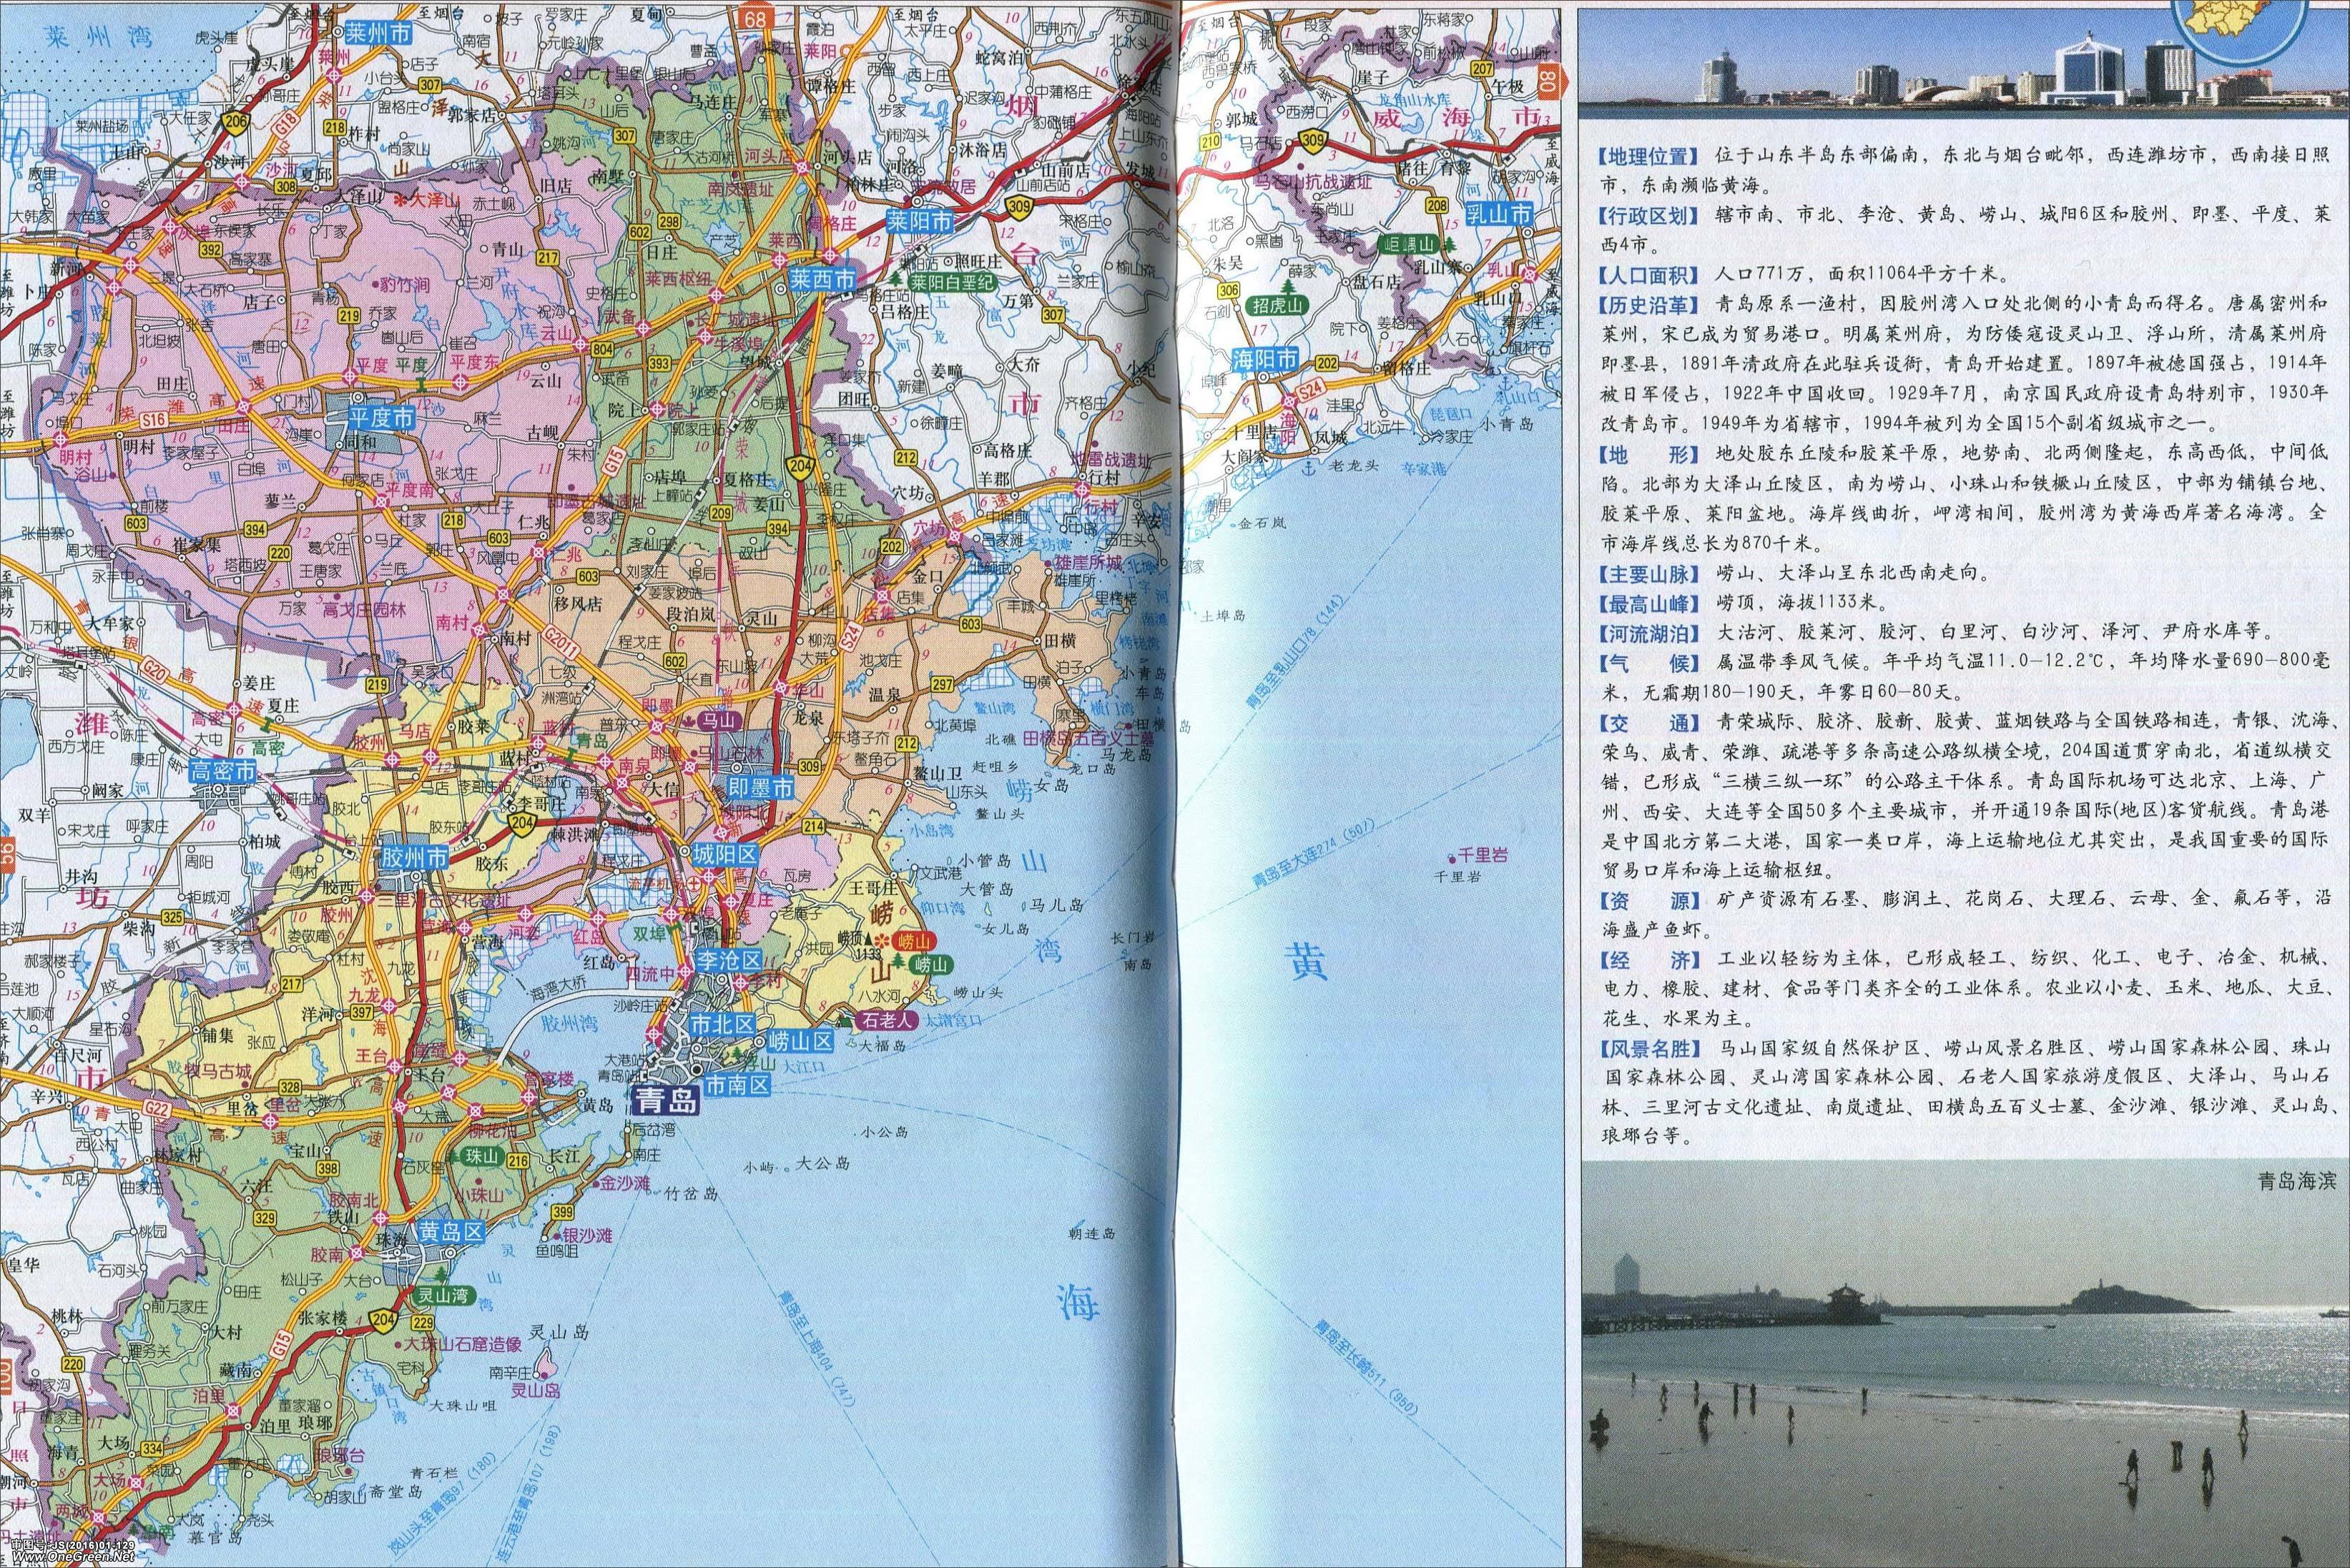 青岛市地图高清版